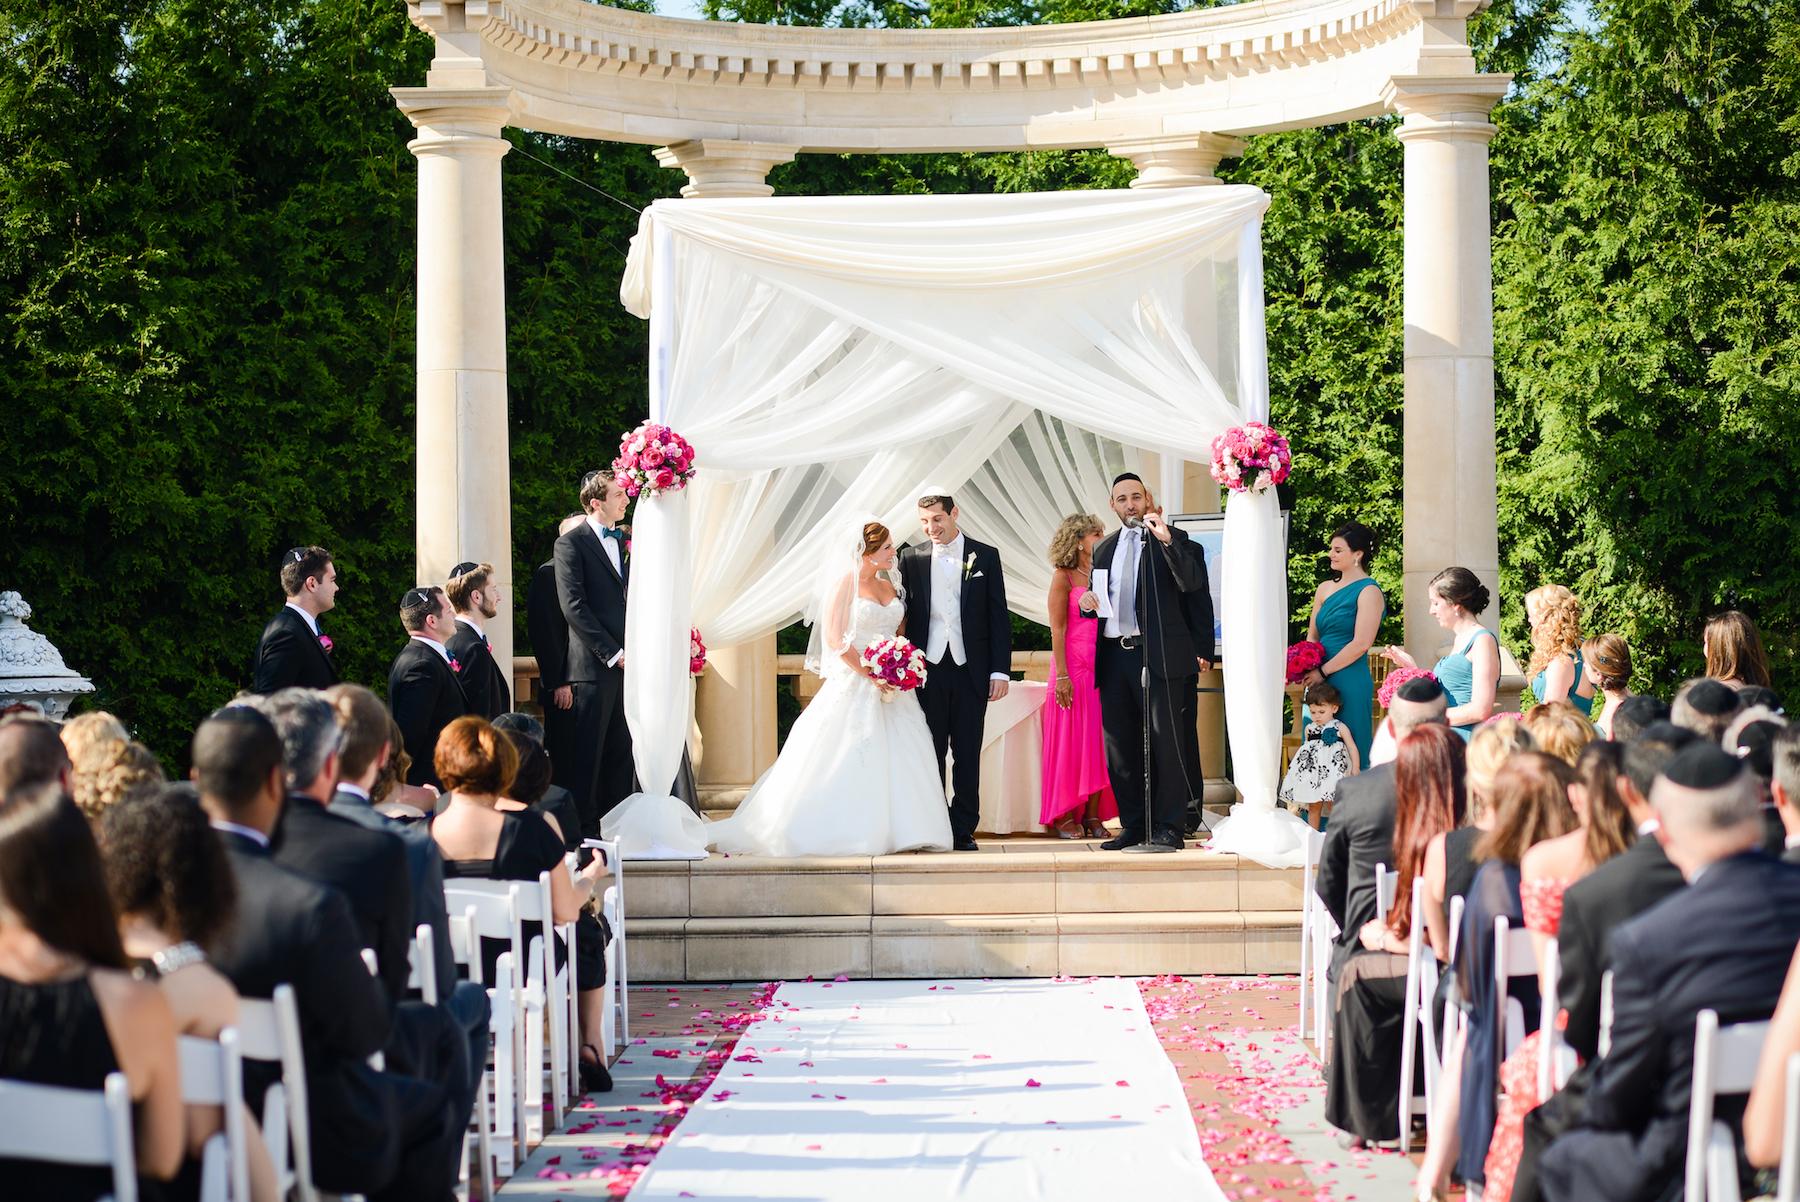 rockleigh-country-club-wedding-veroluce-photos-26